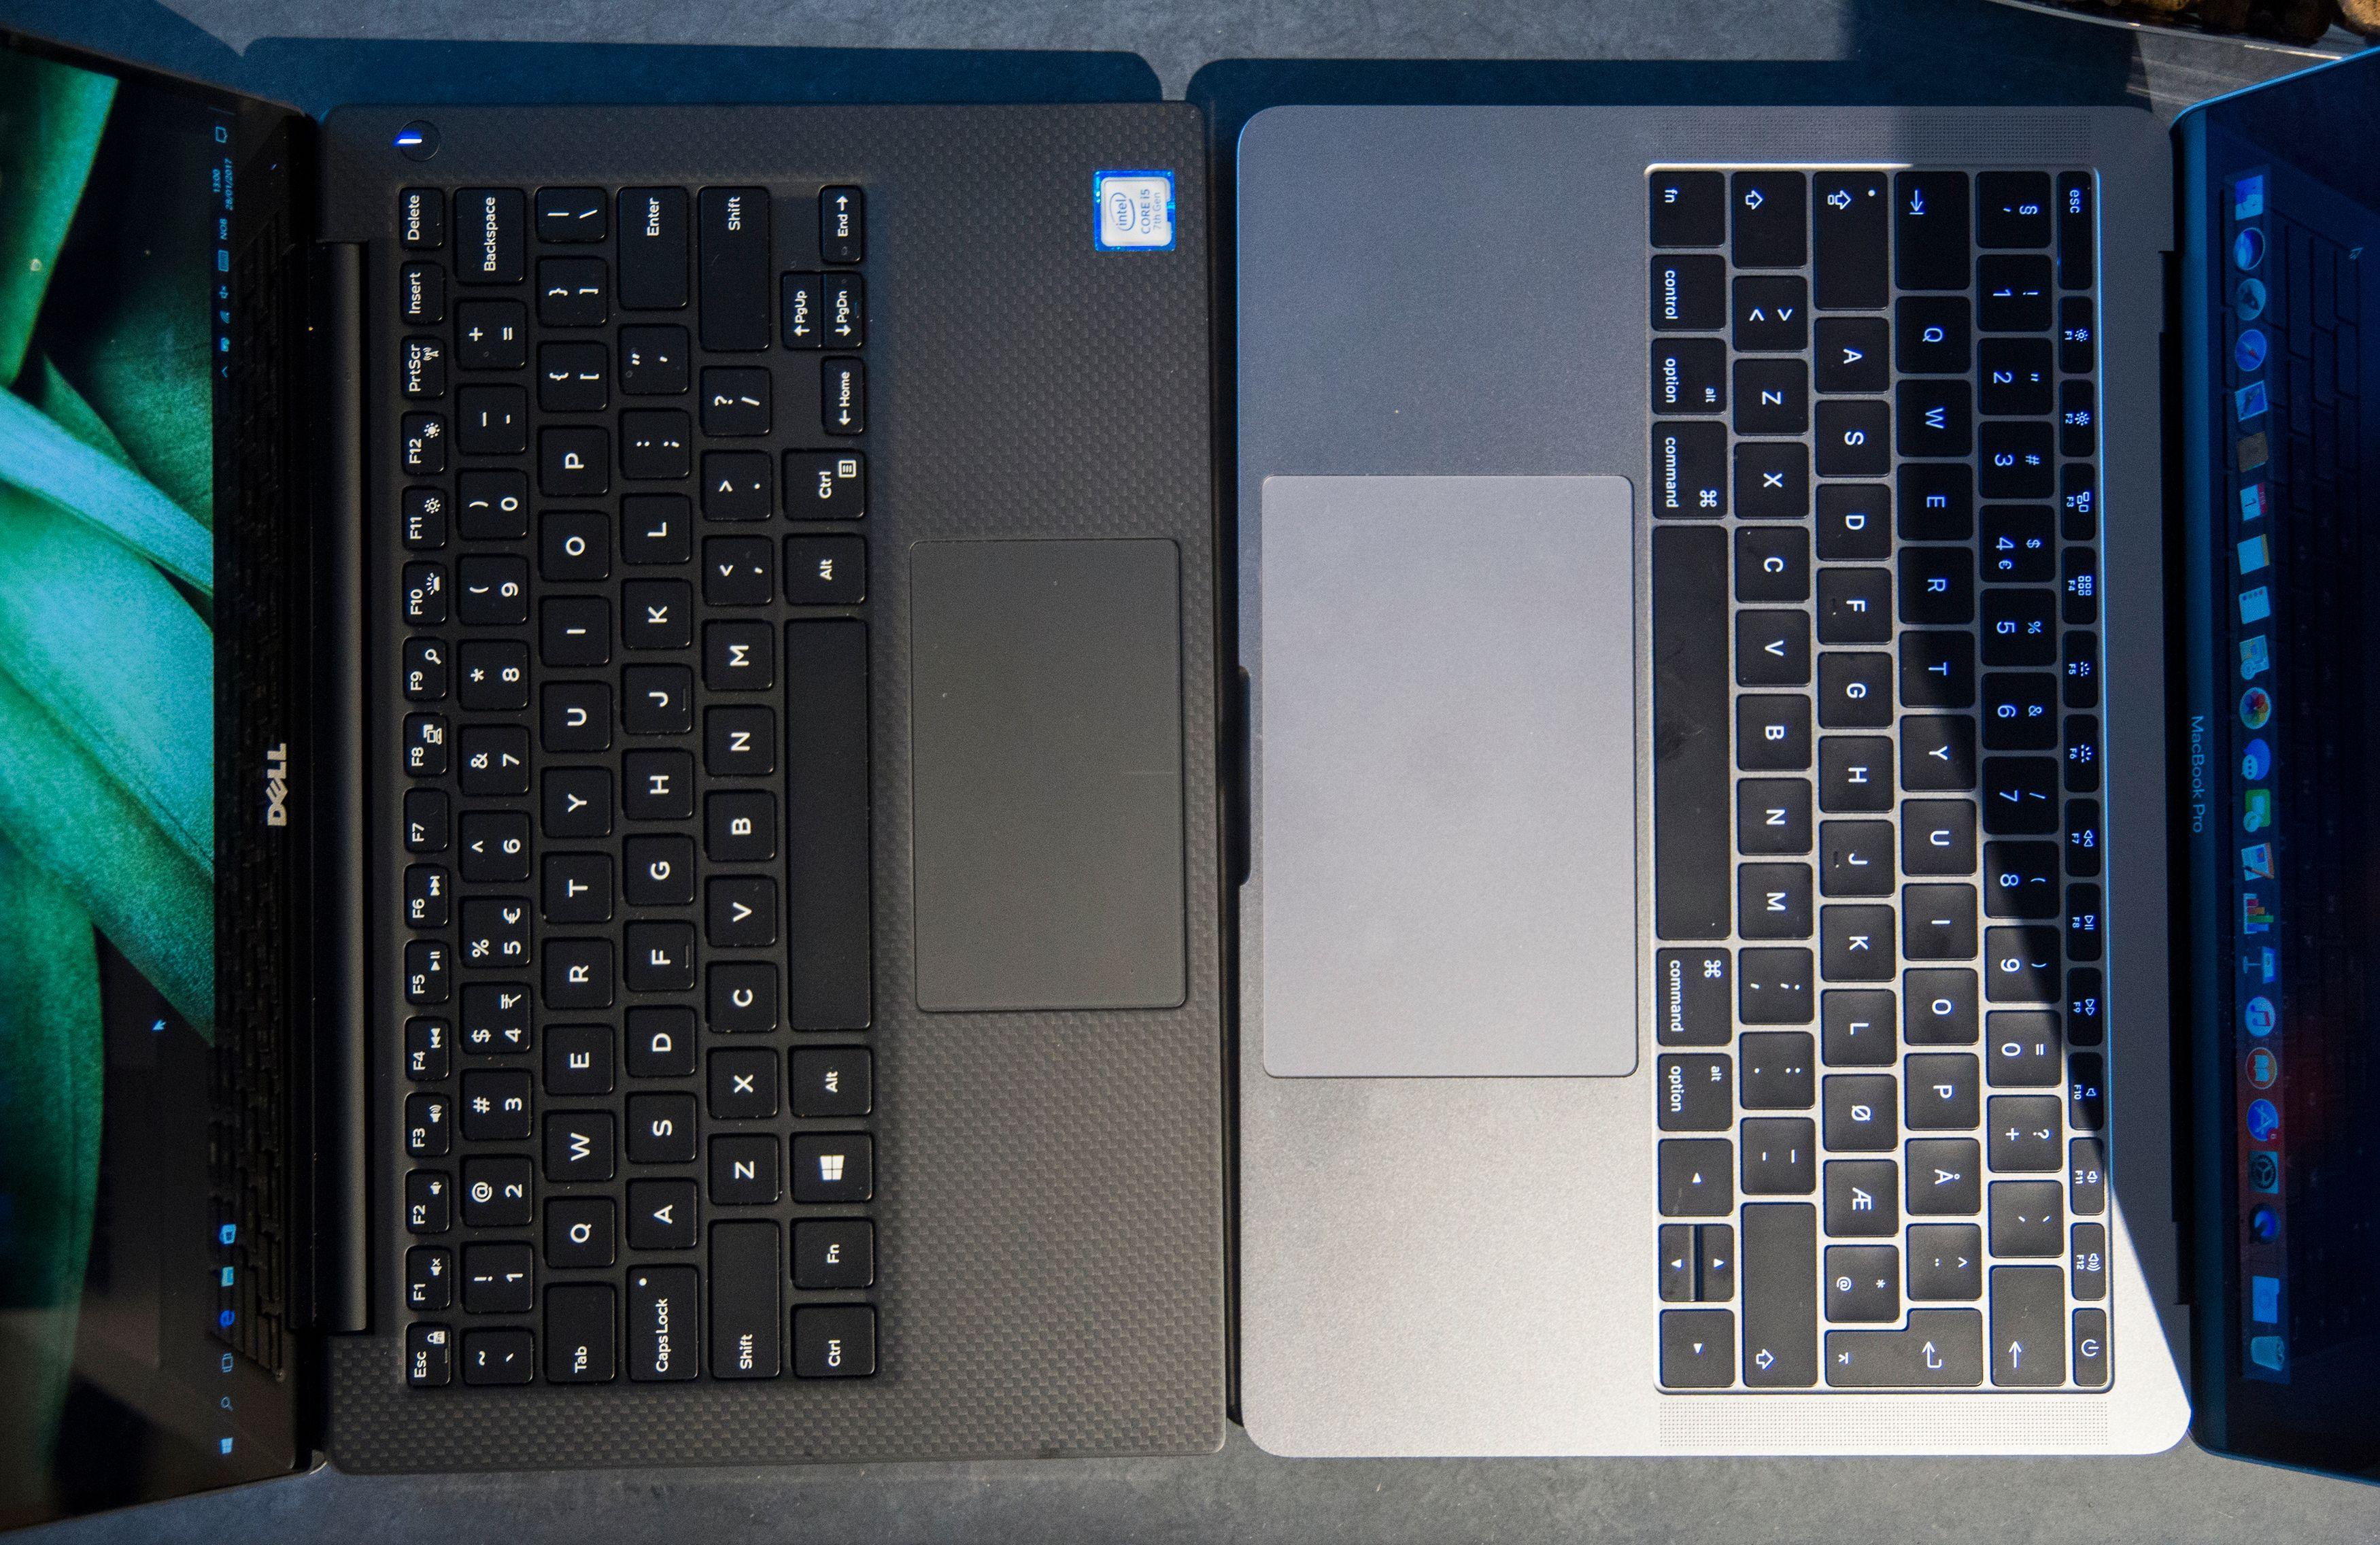 Apple har utstyrt sin MacBook Pro med en langt større pekeplate, som dessuten er mer presis enn XPS sin.